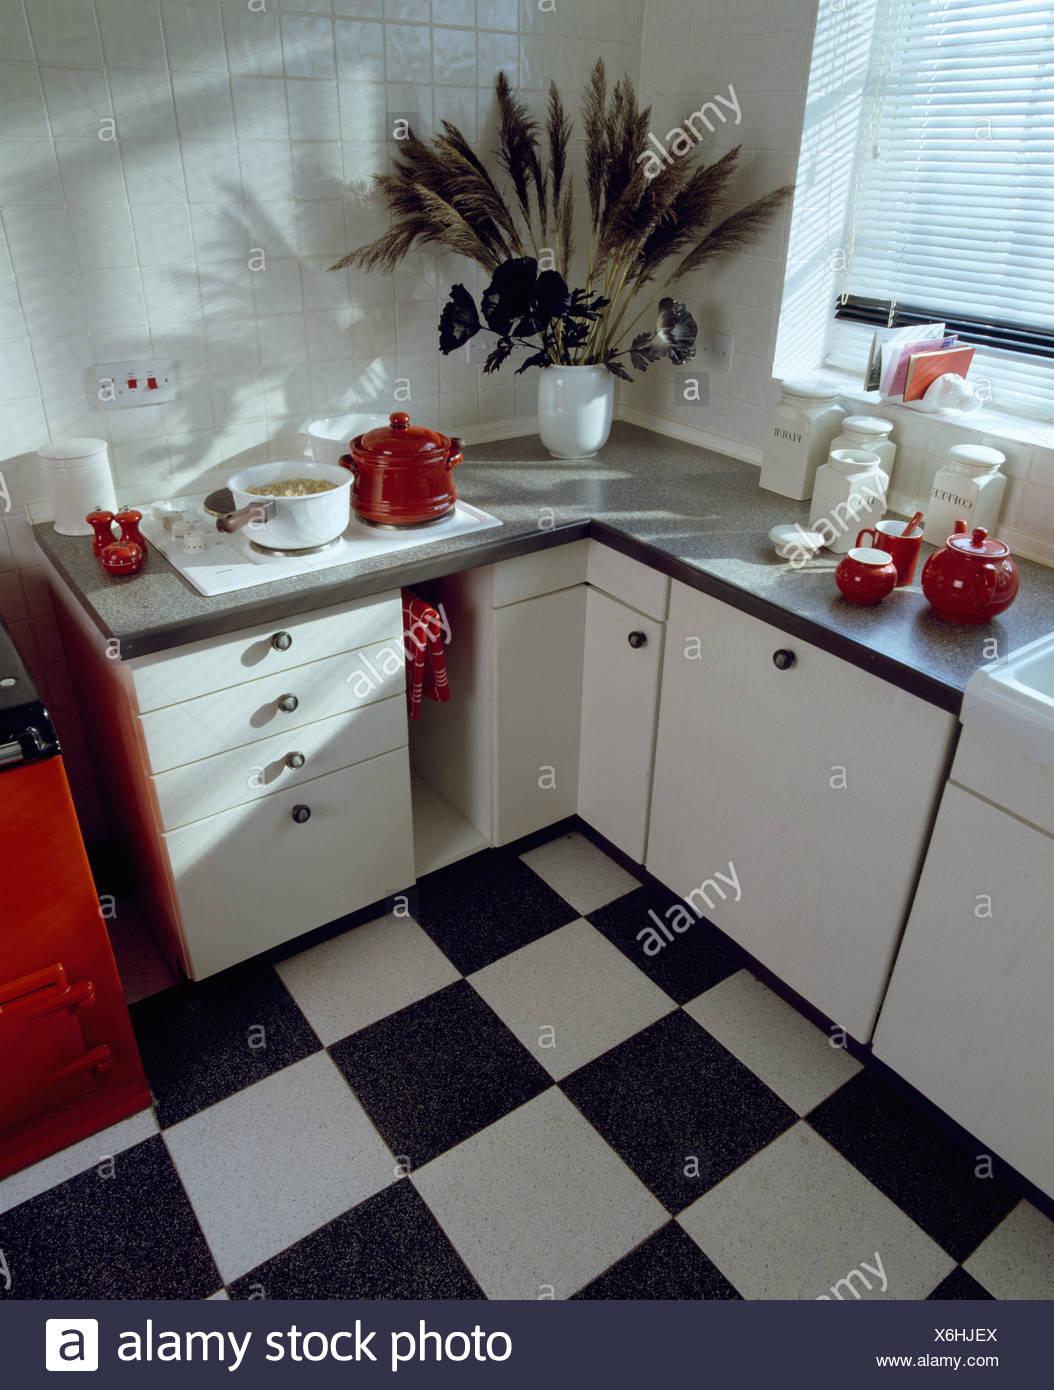 https www alamyimages fr damier noir et blanc dans le revetement de sol en vinyle blanc petite cuisine avec murs en carrelage blanc image279441538 html